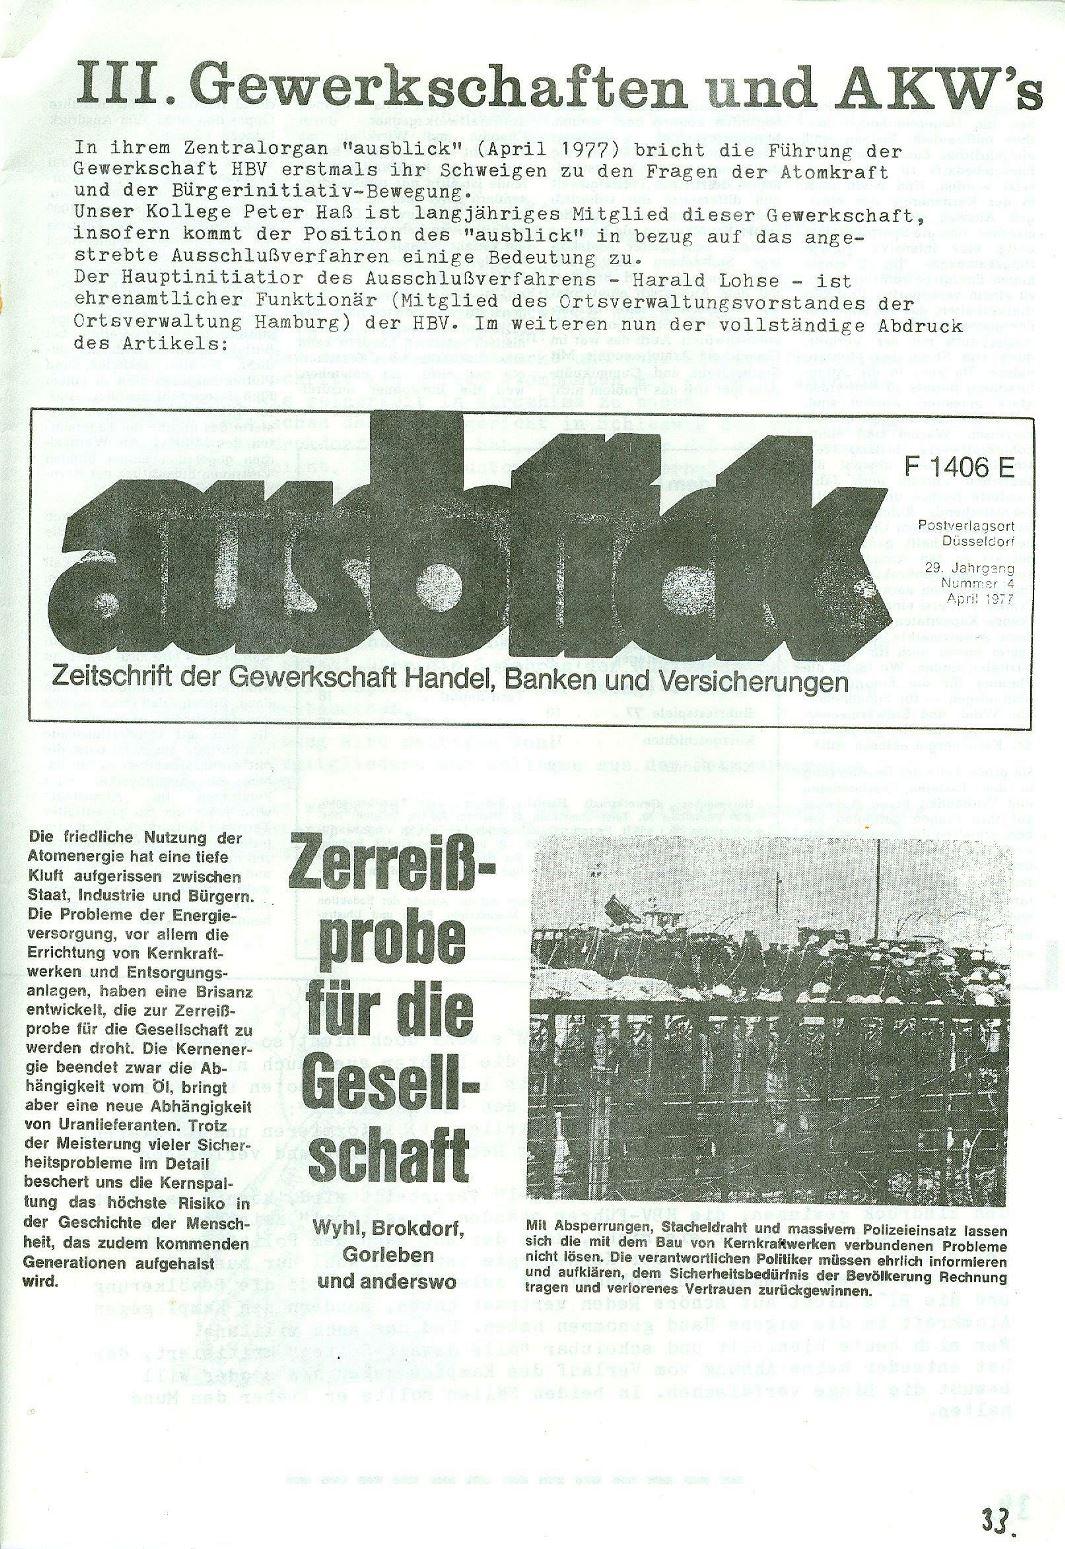 Hamburg_AKW534